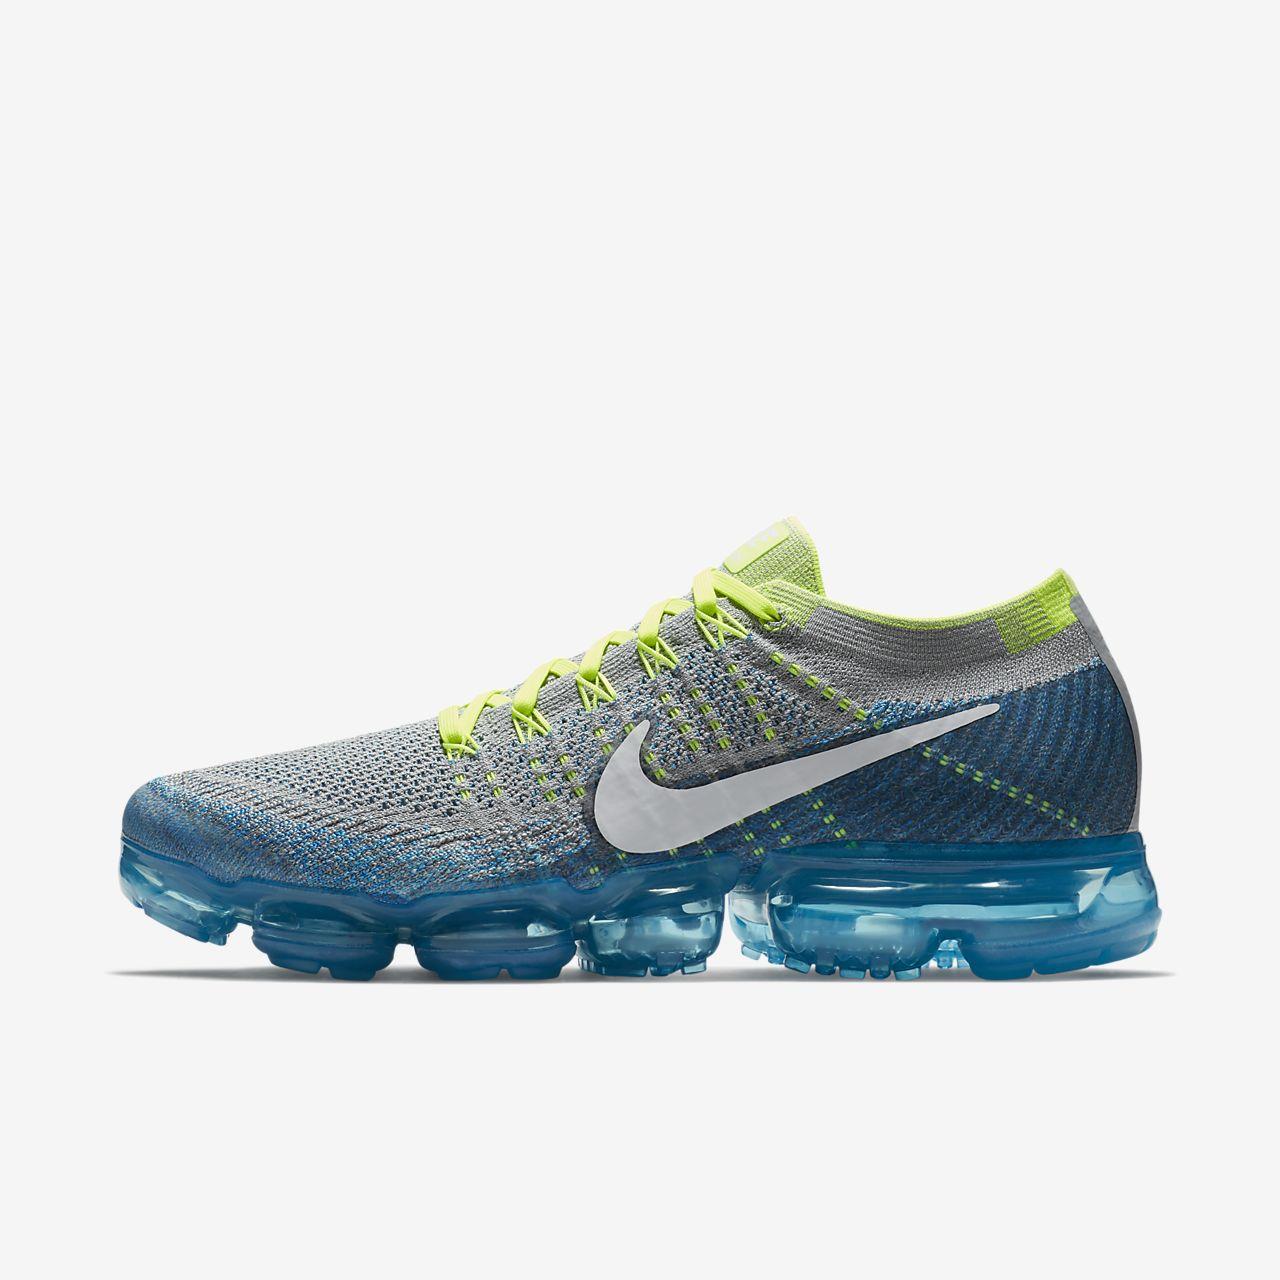 Nike Air VaporMax Flyknit 男子运动鞋